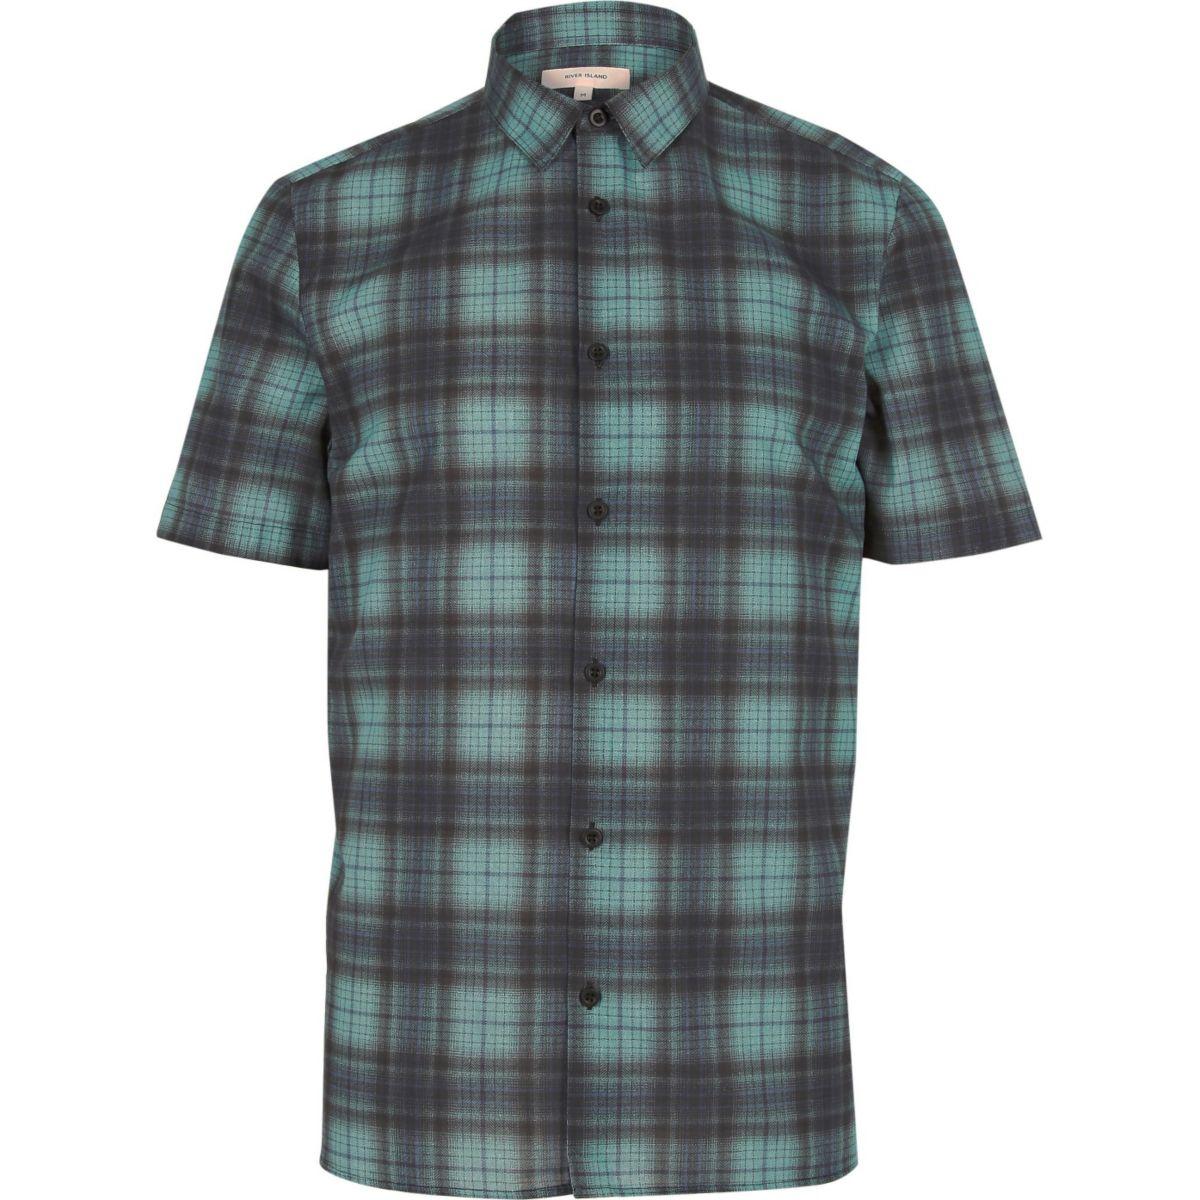 Blauw geruit overhemd met korte mouwen